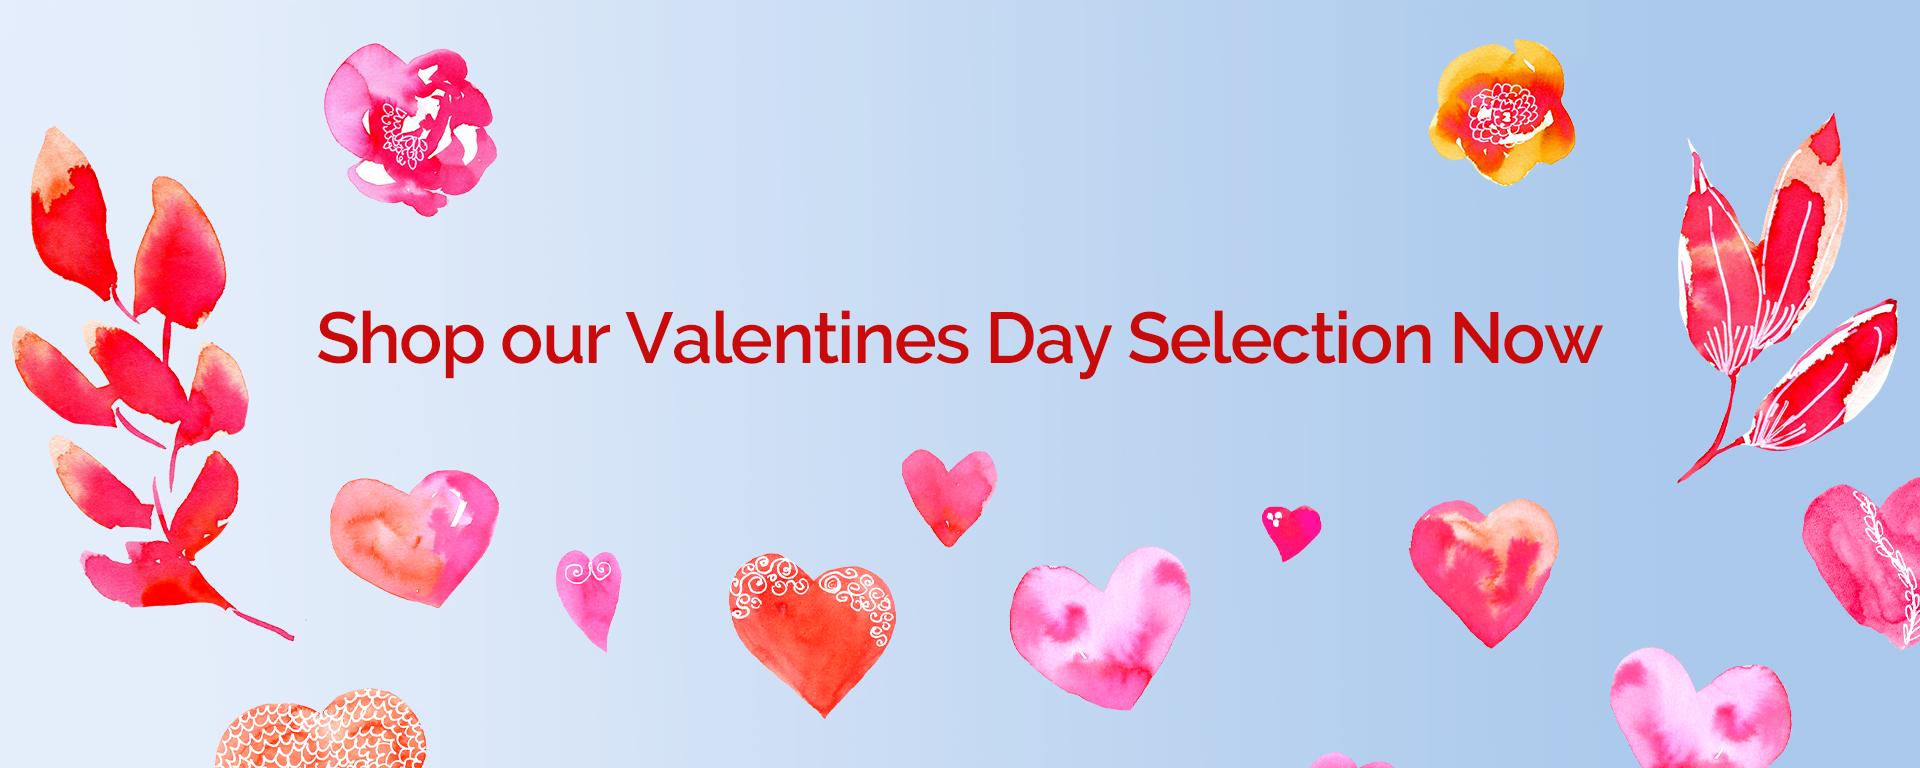 valentines banner2